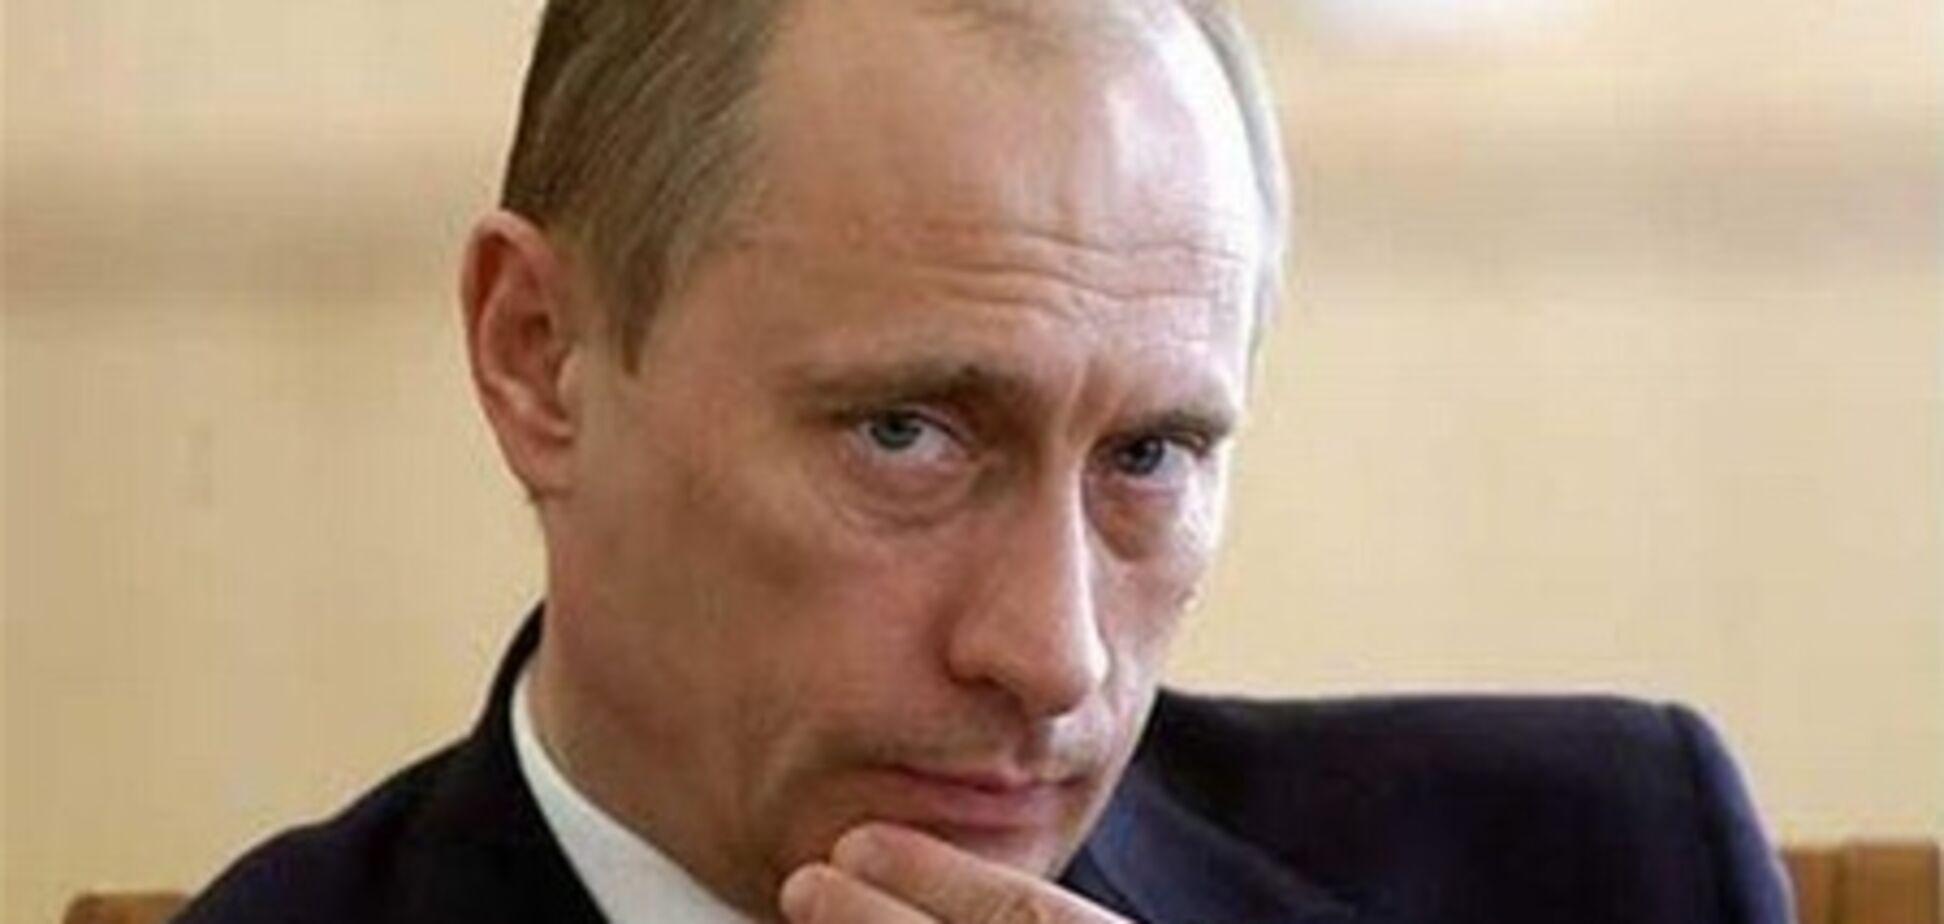 Депутат Рашкин запропонував розстріляти Путіна